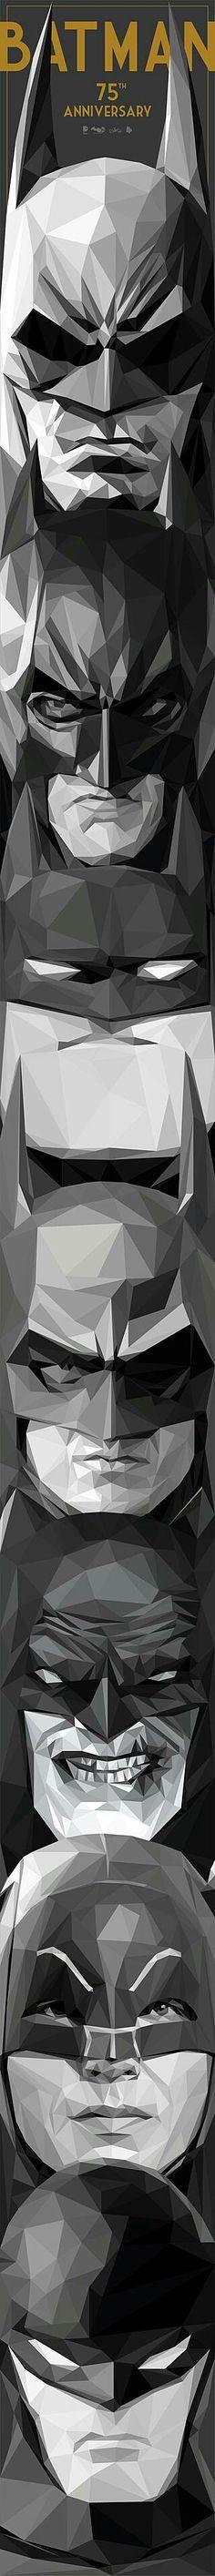 BatmanForever.